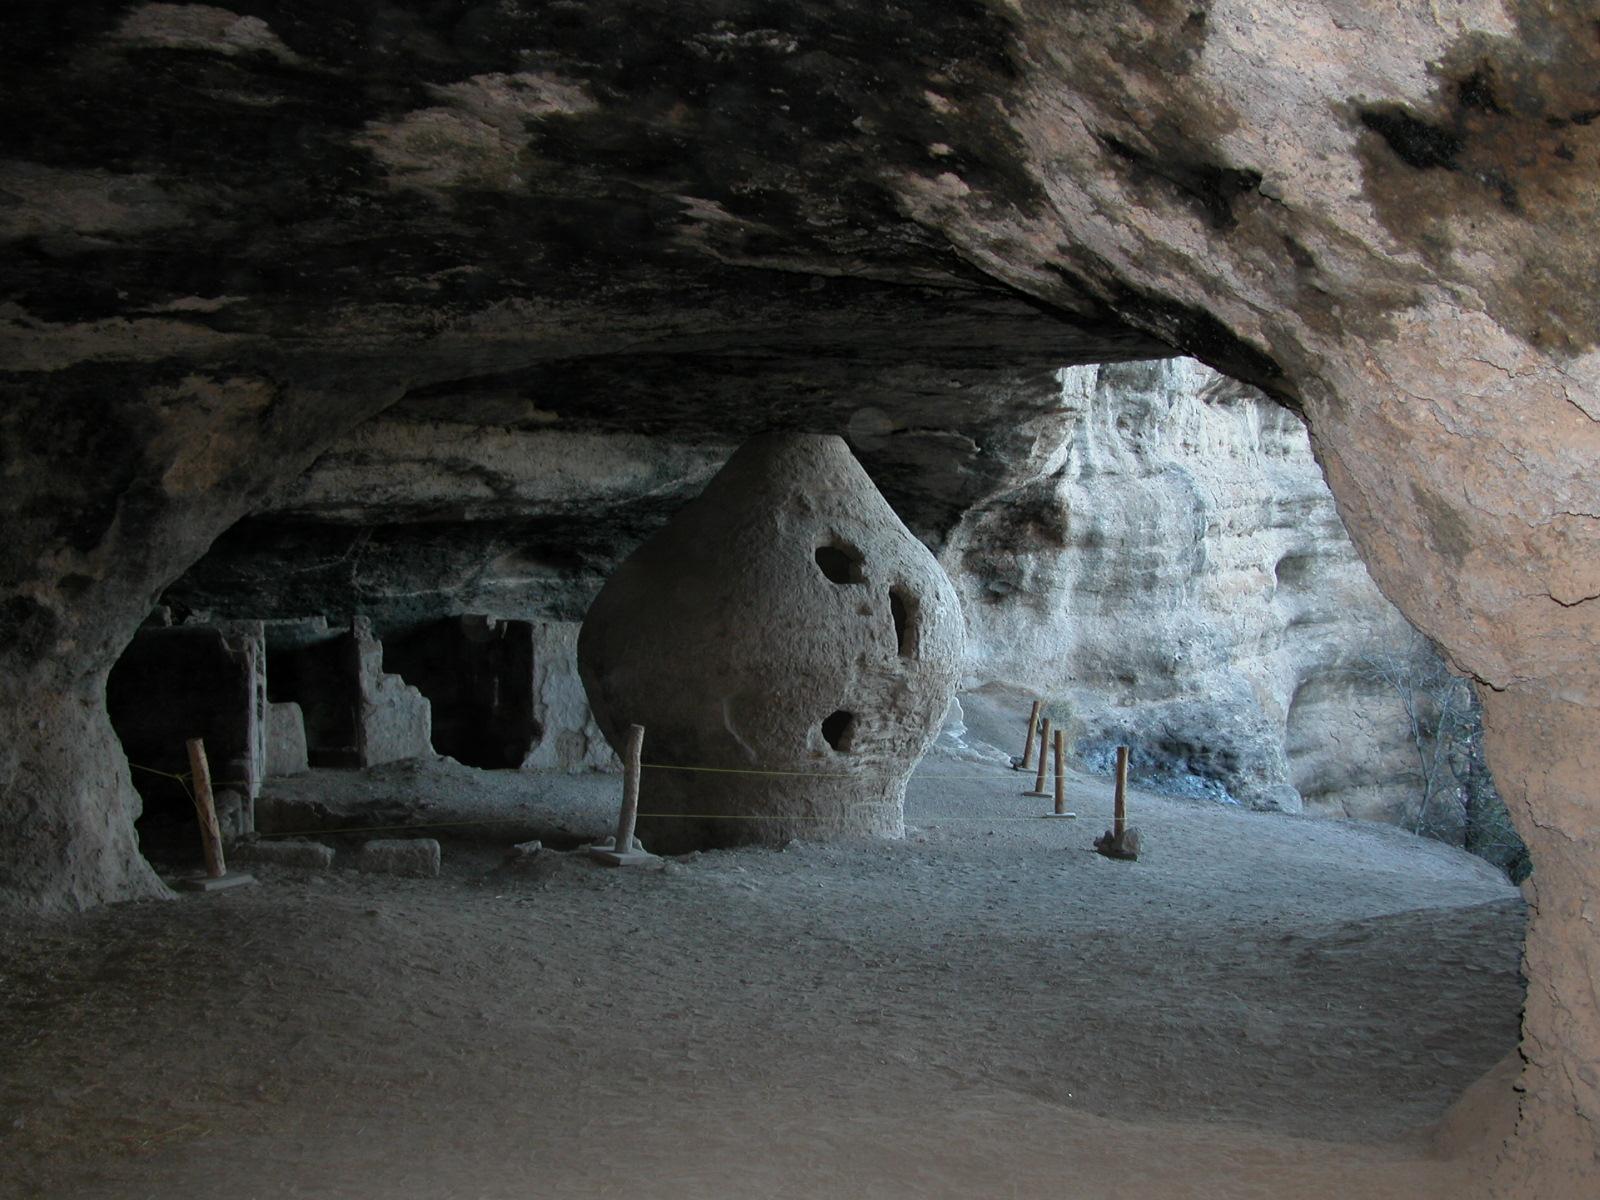 Turismo rural en casas cueva con baños árabes en Guadix